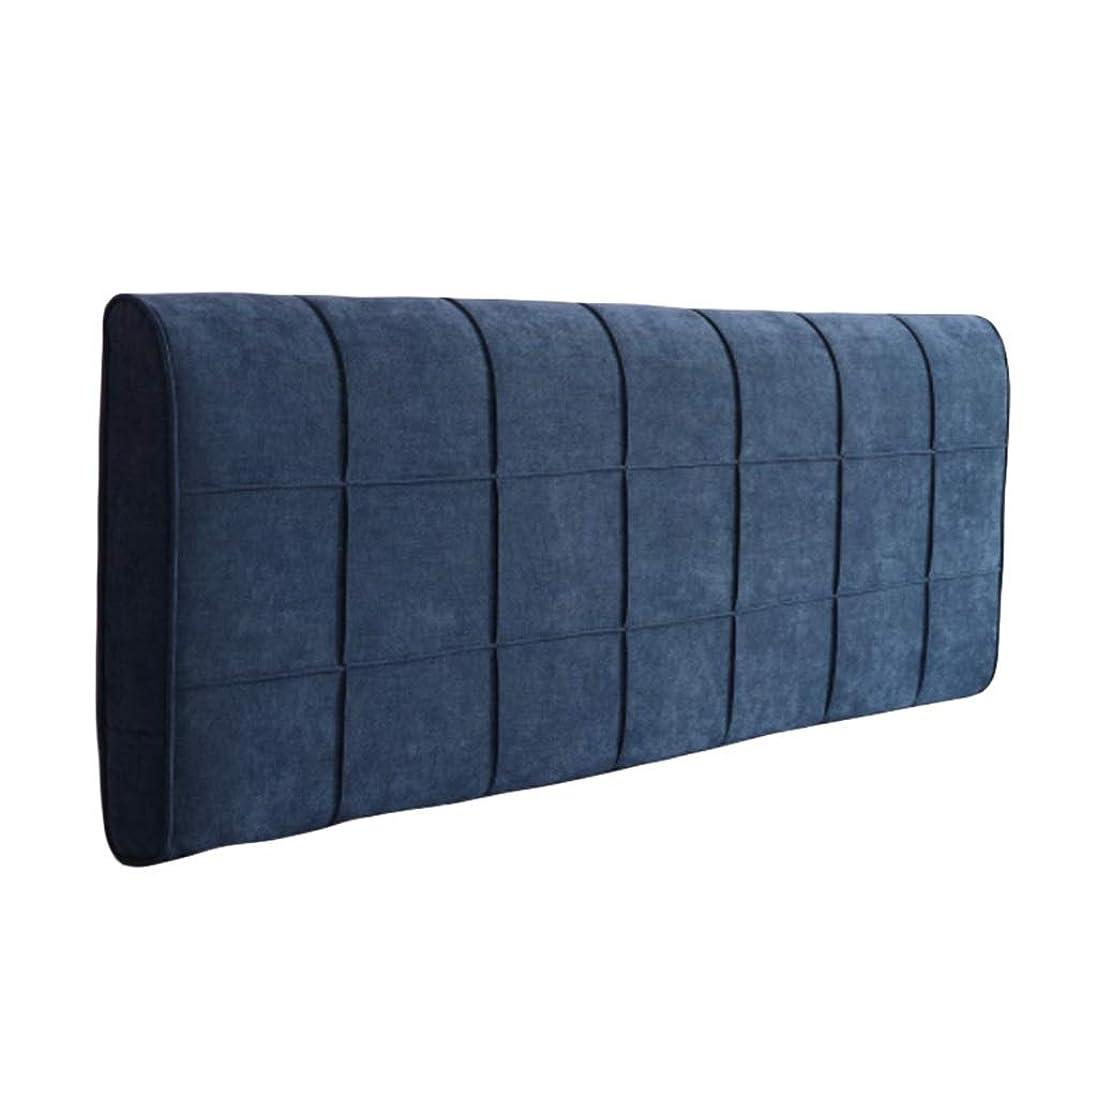 くつろぎ死現象キングサイズヘッドボードクッションシェニール布張りのヘッドボードウェッジクッション、ソファベッドの枕クッションベッド休憩読書枕背もたれポジショニングのサポート (Color : Navy blue, Size : 150cm/59in)